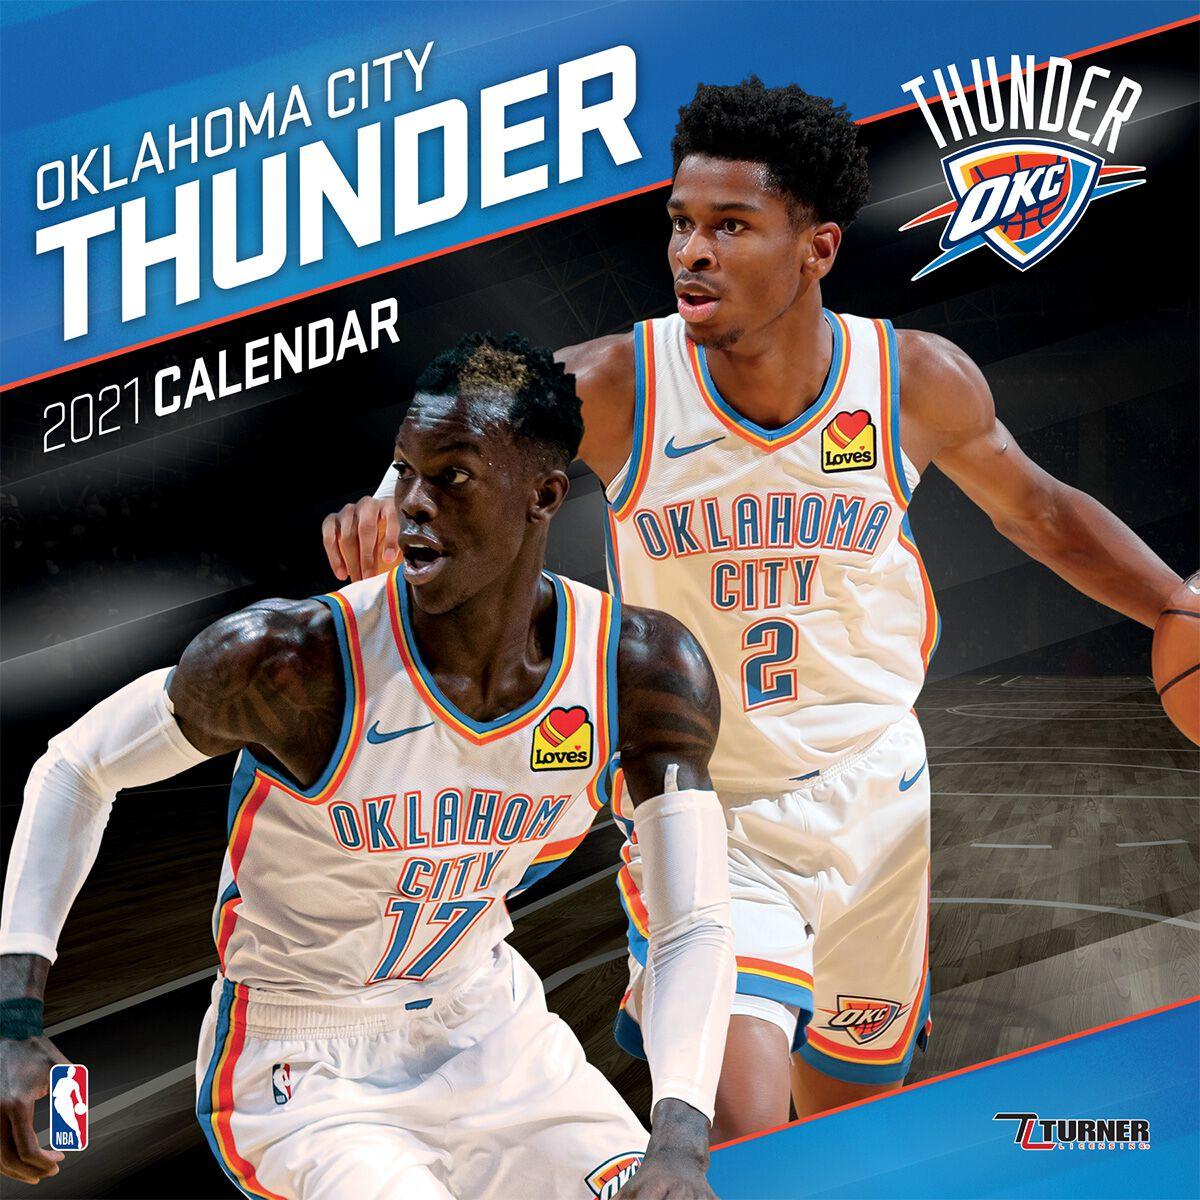 Calendrier Nba 2021 Oklahoma City Thunder   Calendrier 2021 | NBA Calendrier mural | EMP